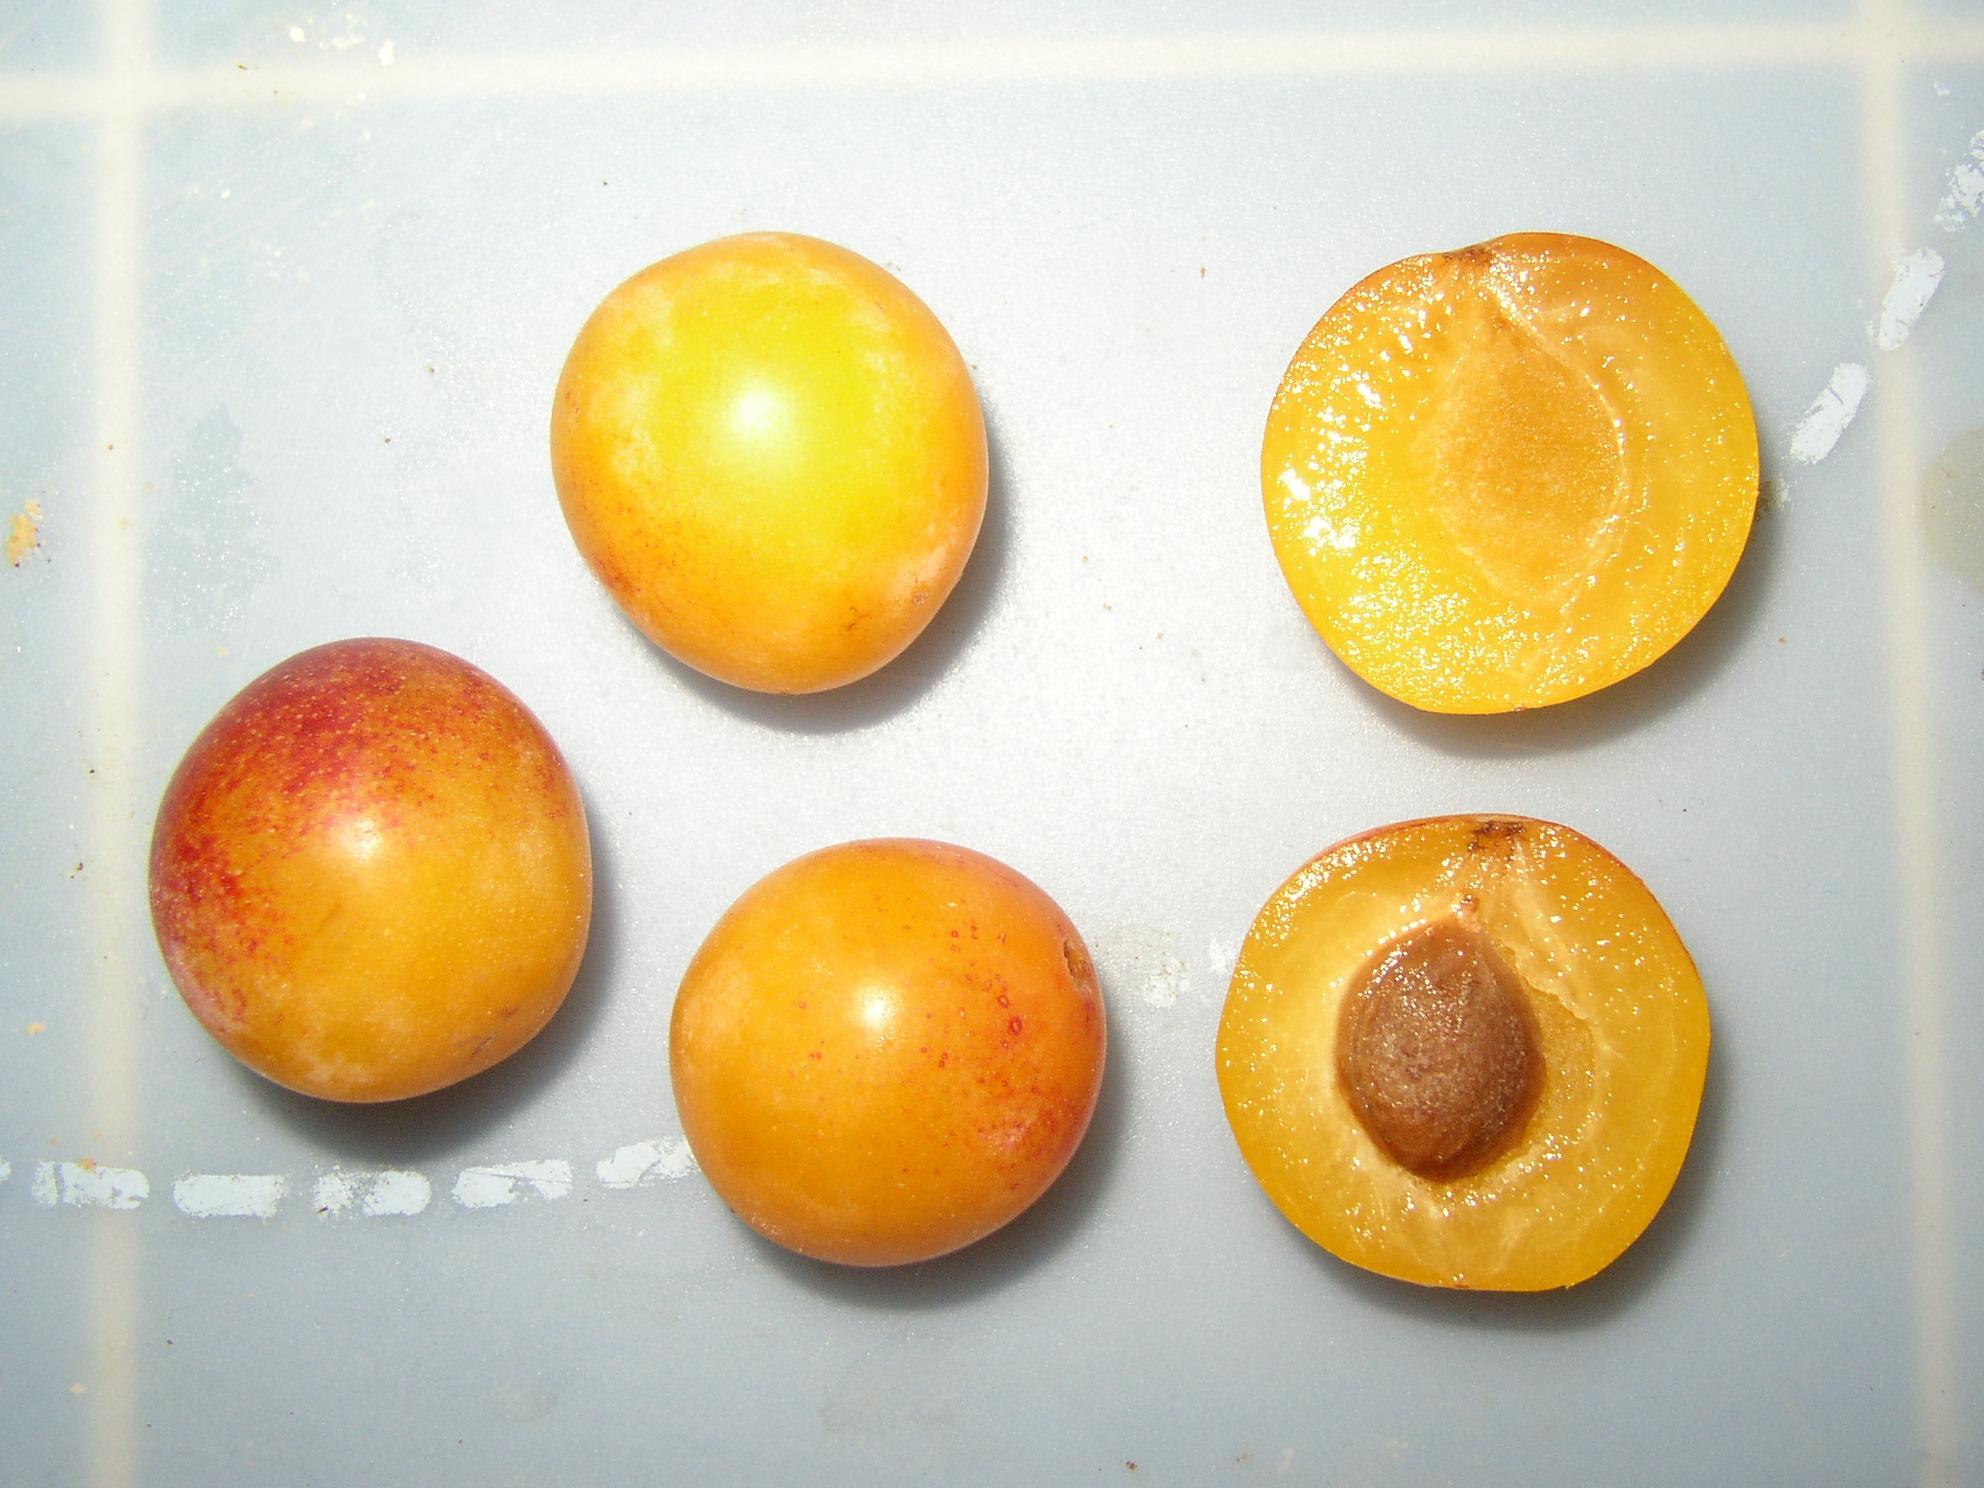 мирабель что это за фрукт